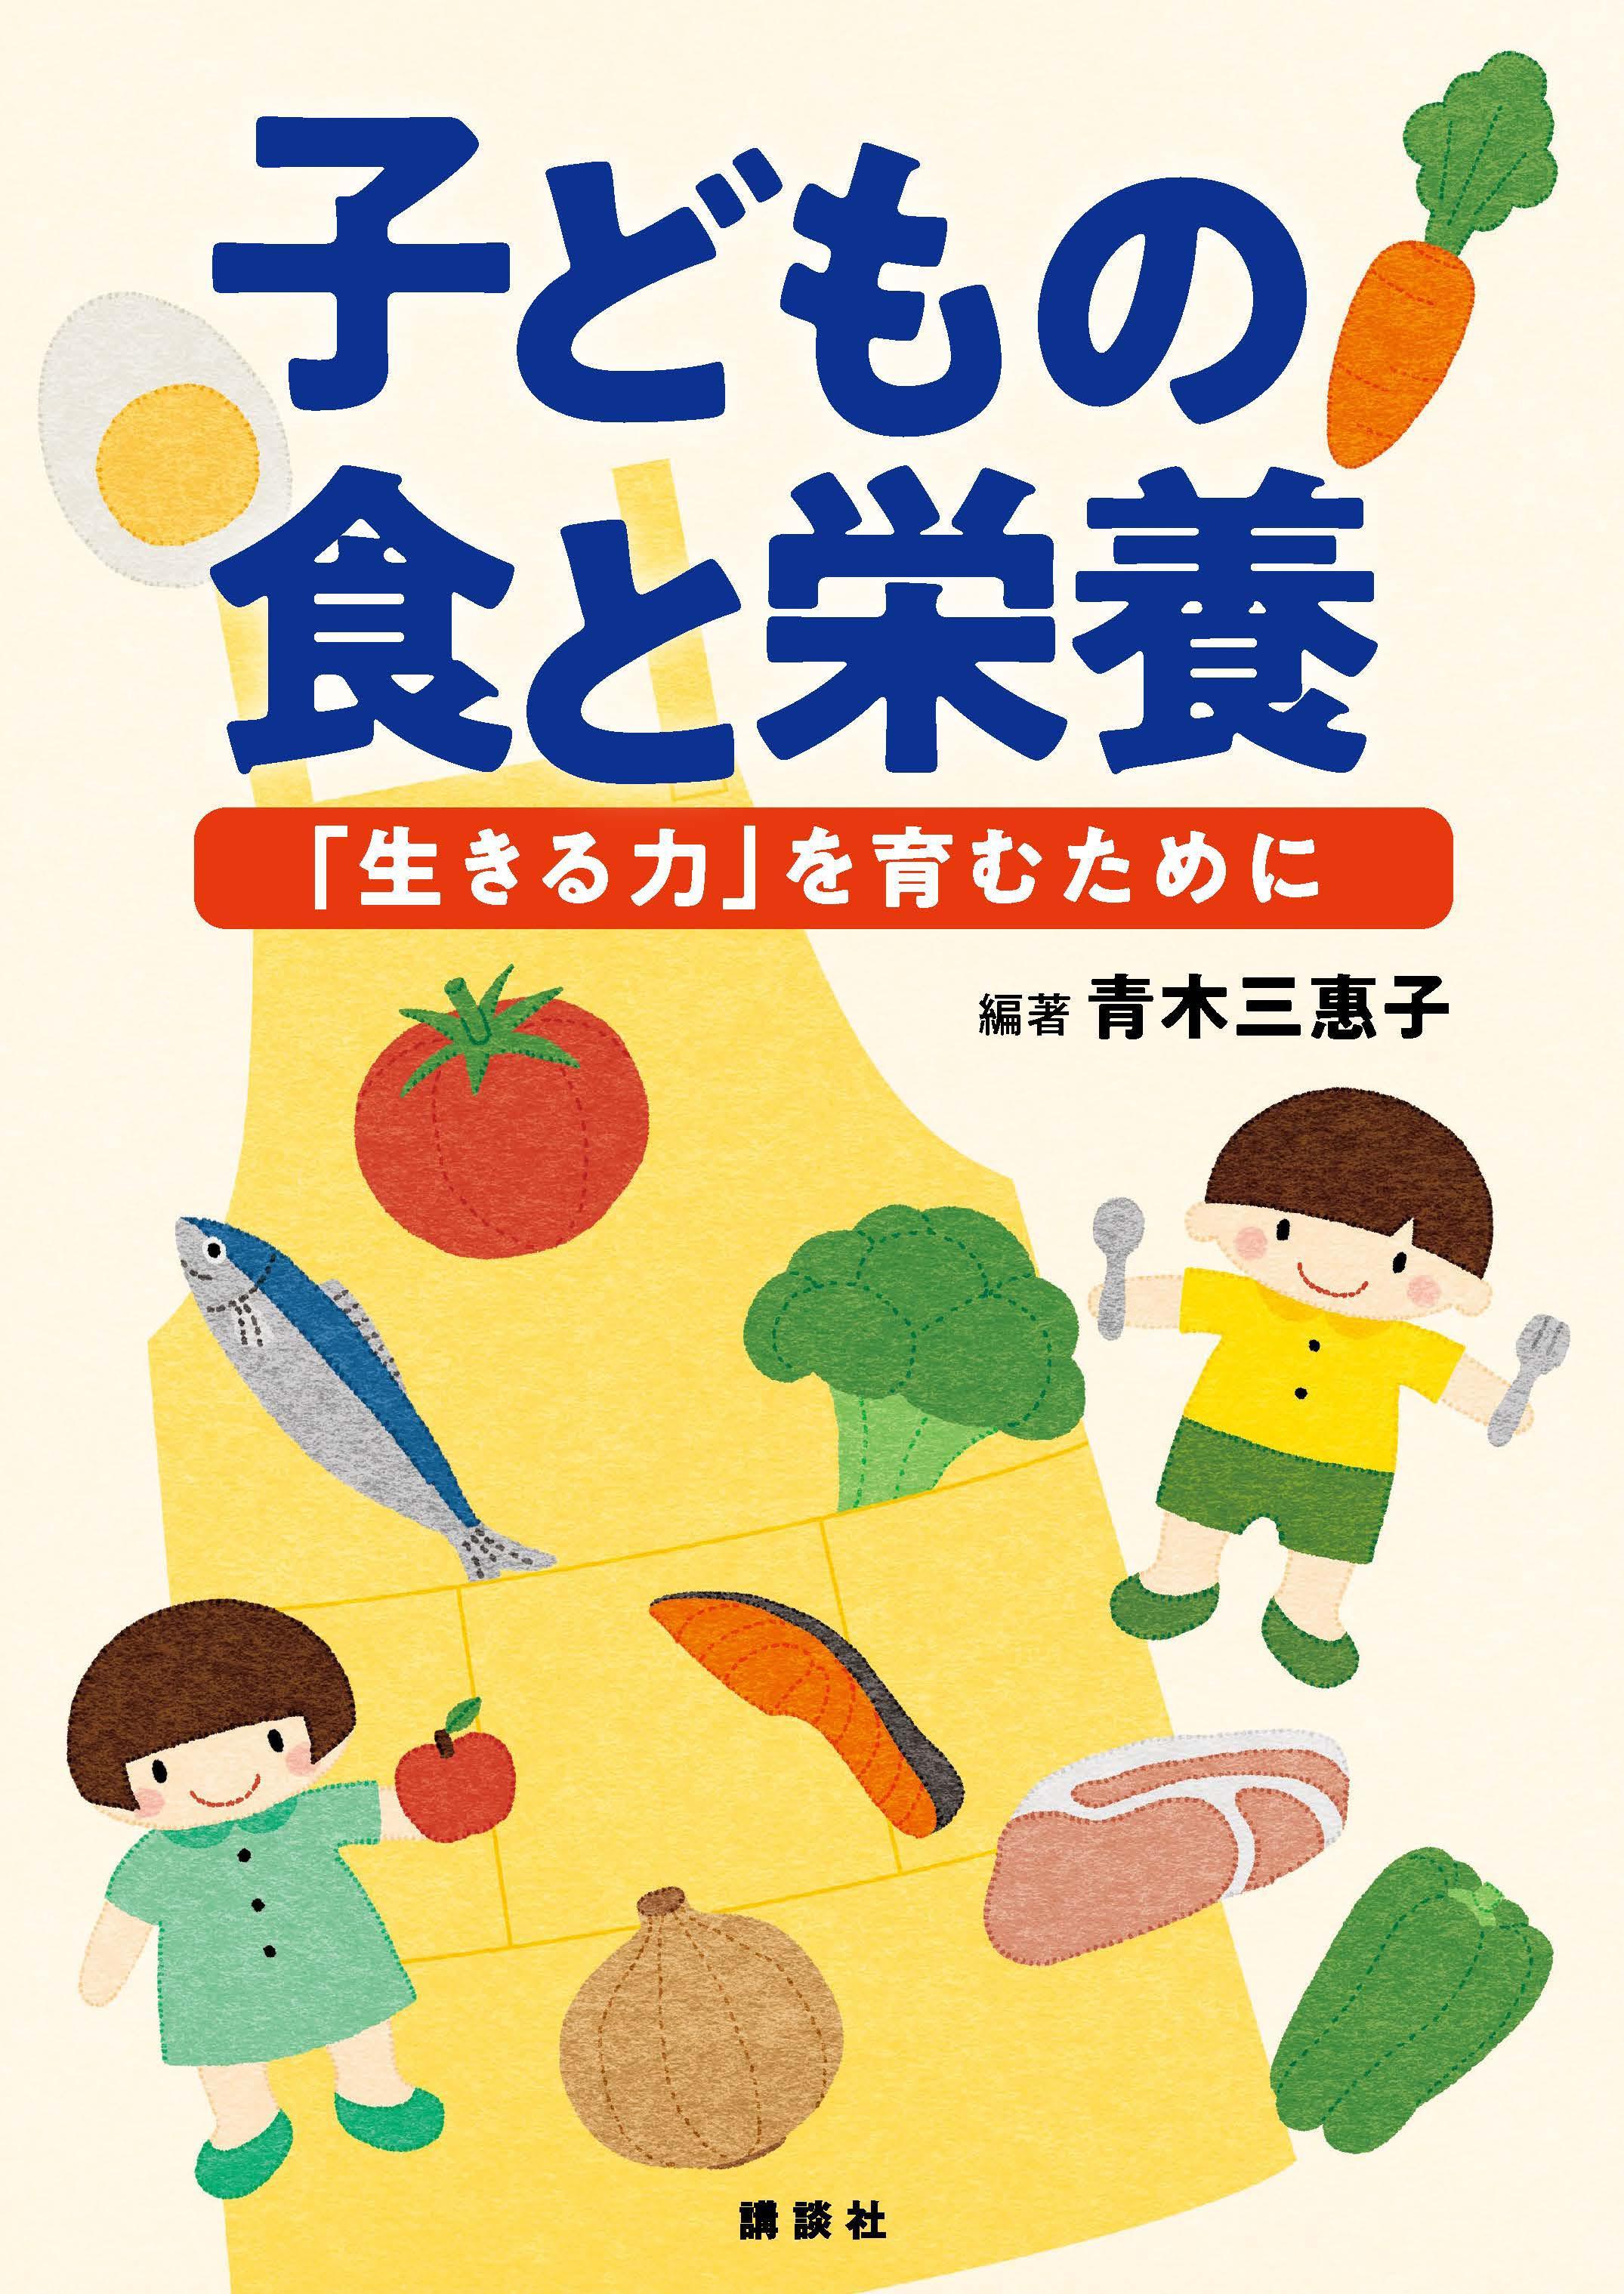 子どもの食と栄養 「生きる力」を育むために